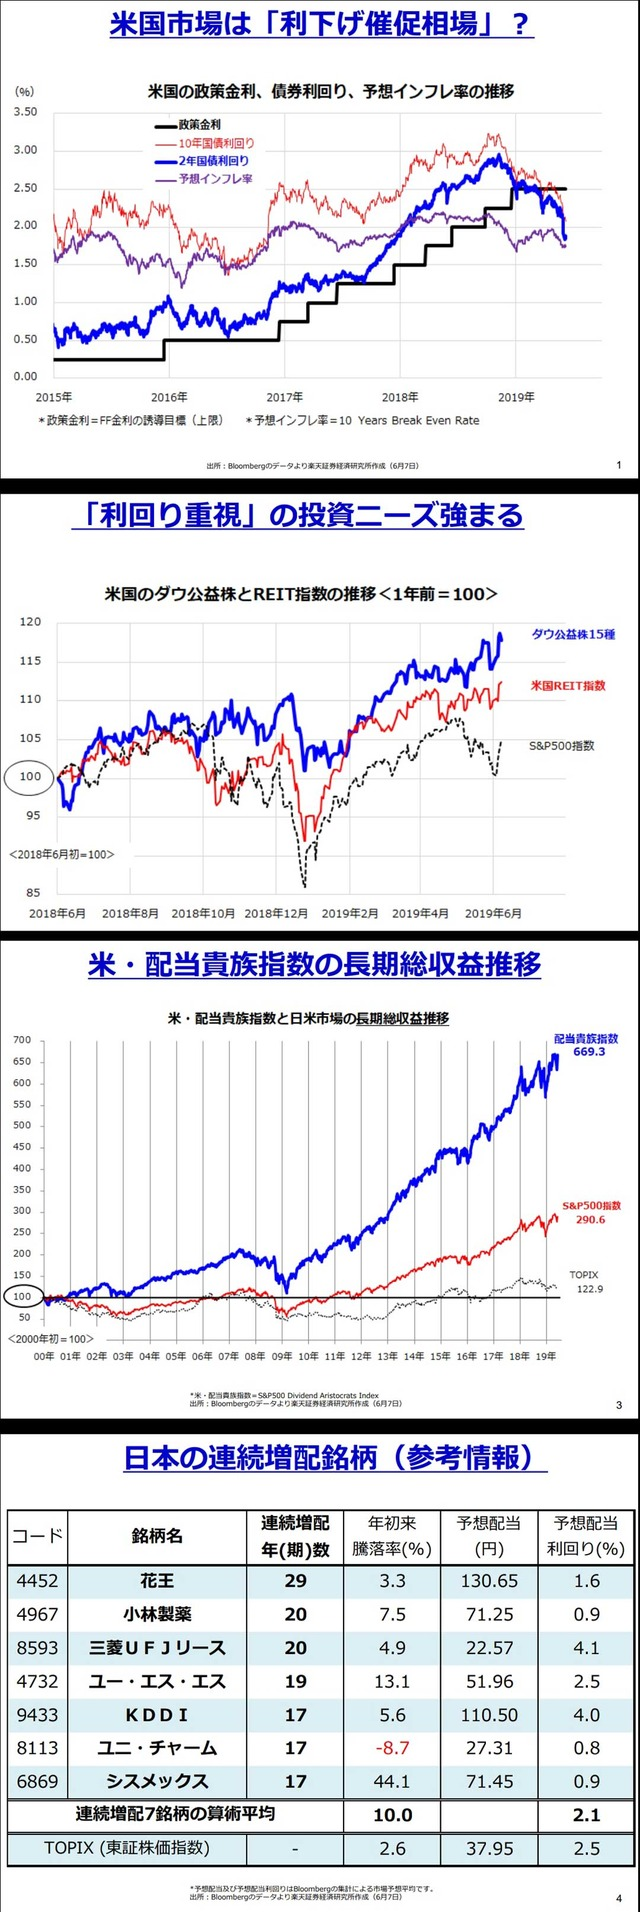 190611_MP_香川資料